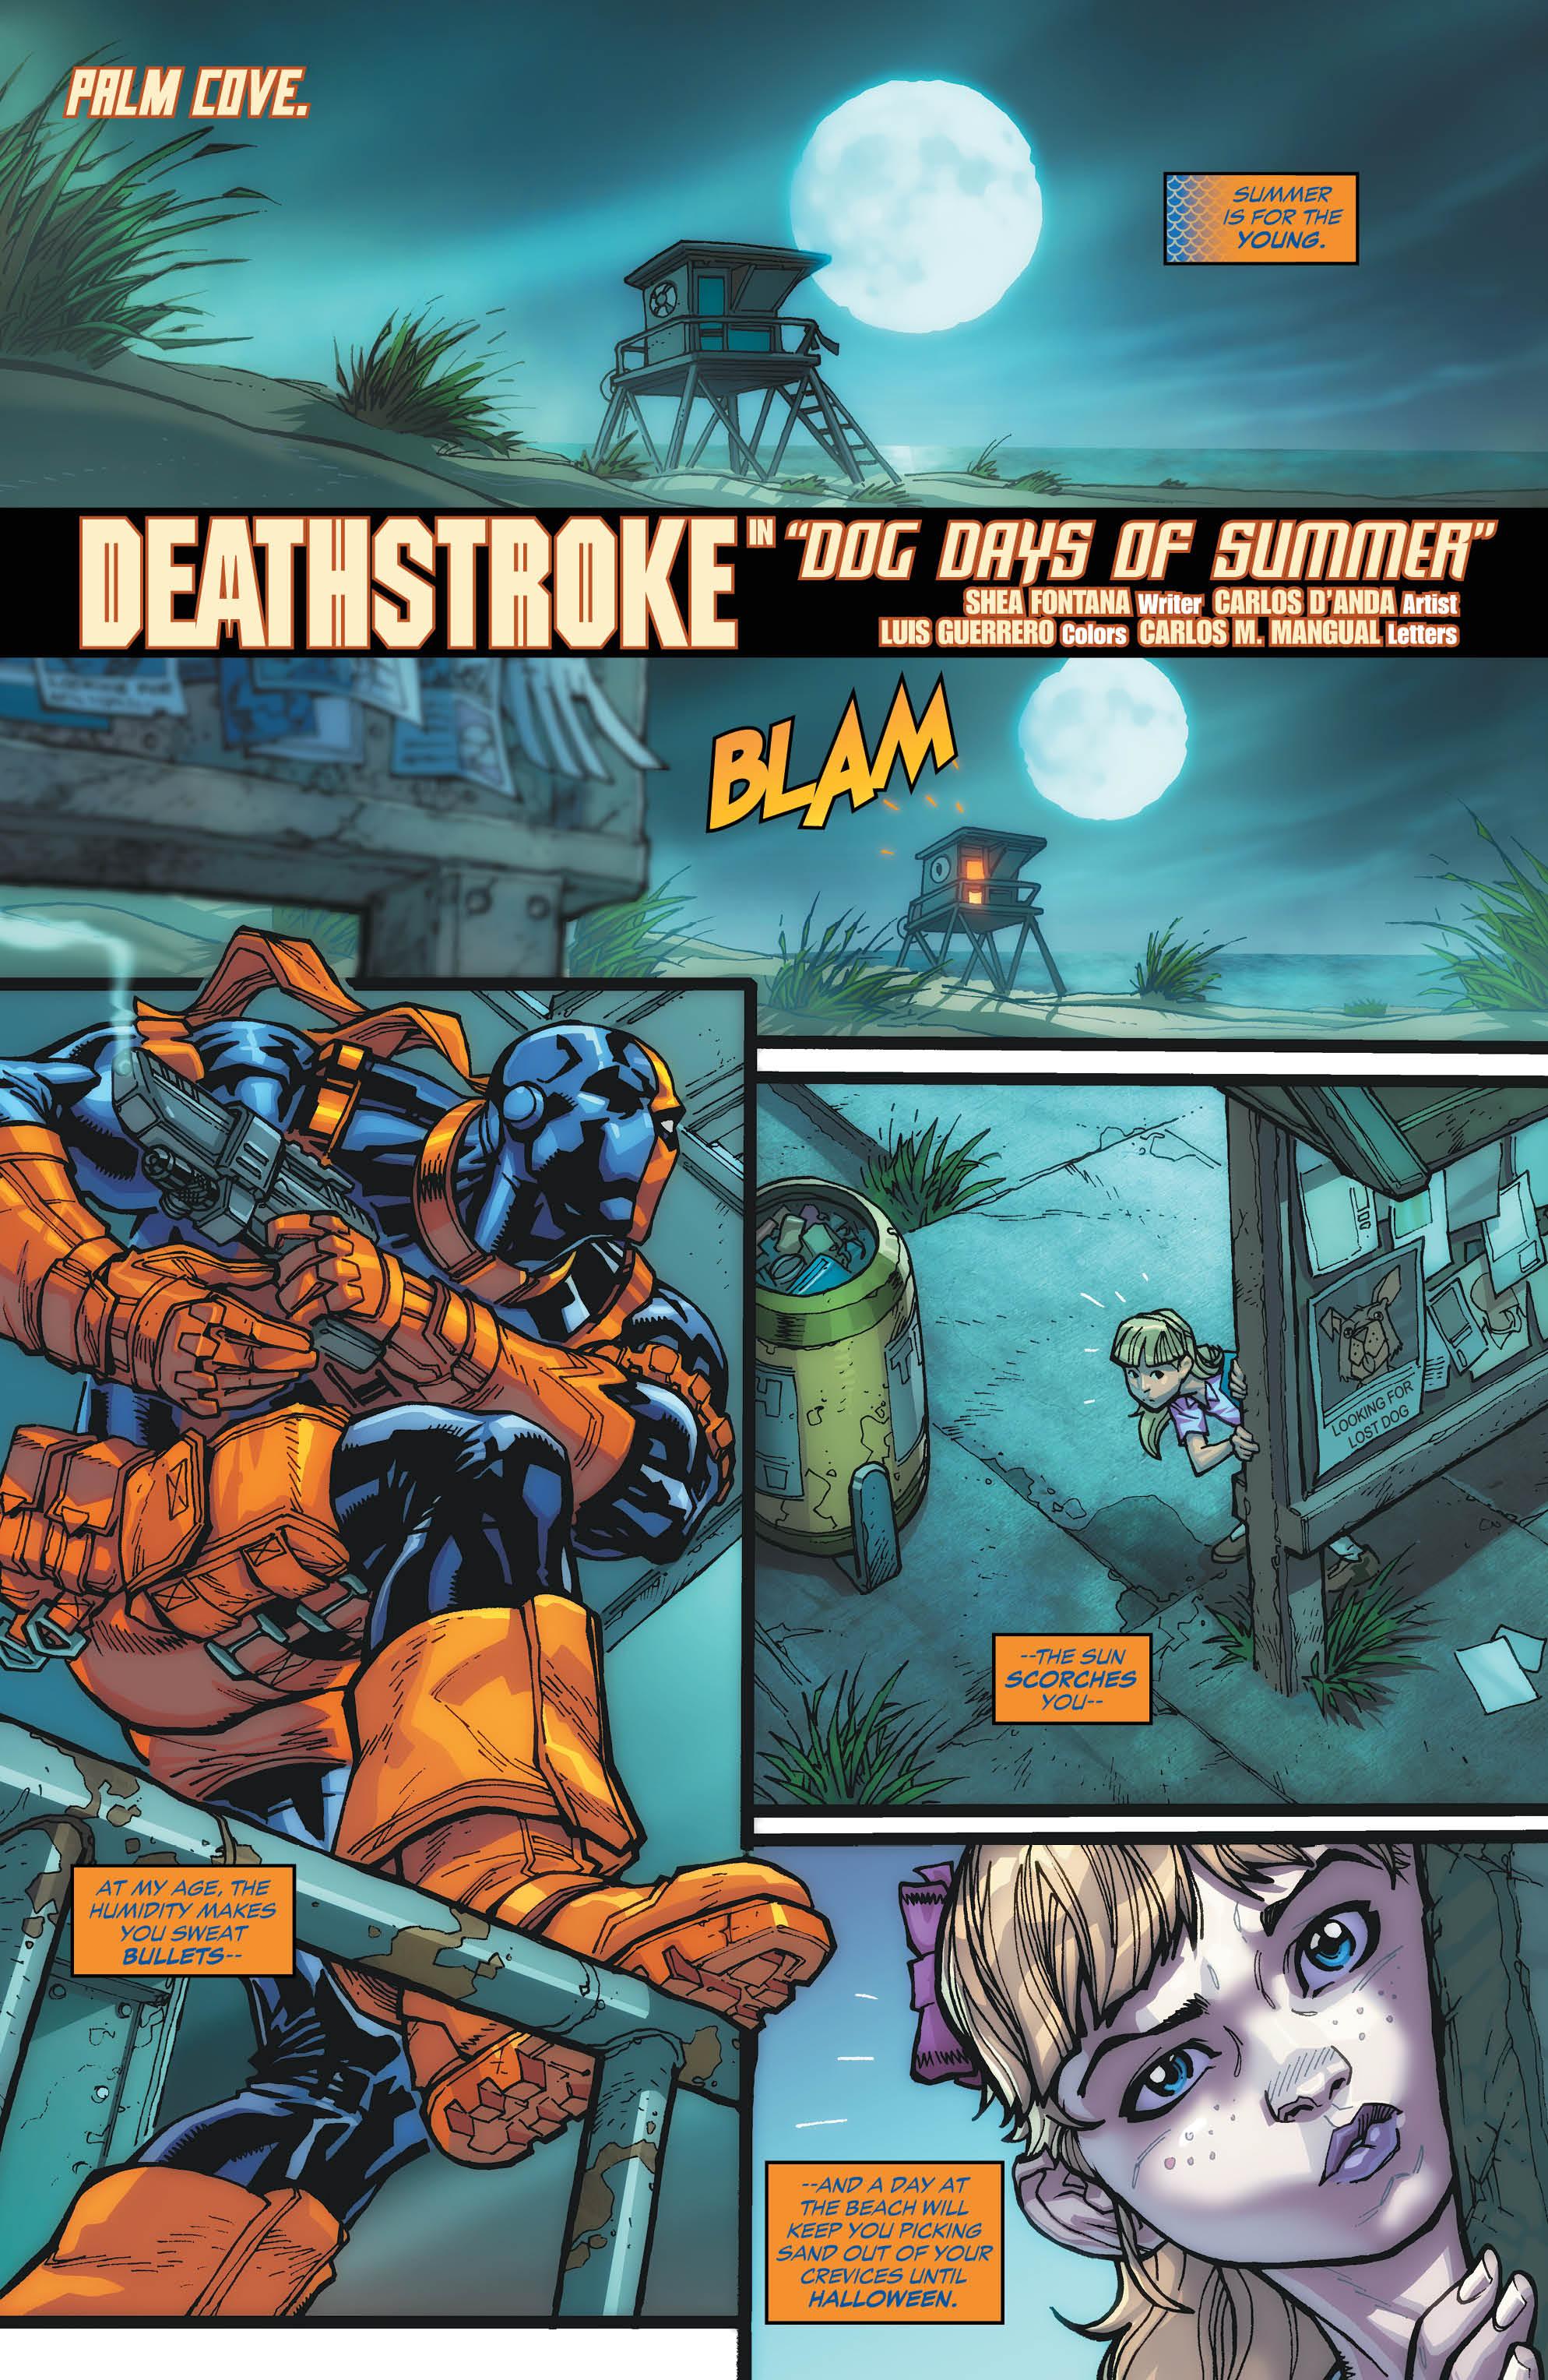 BBBGSP_1_Deathstroke_1